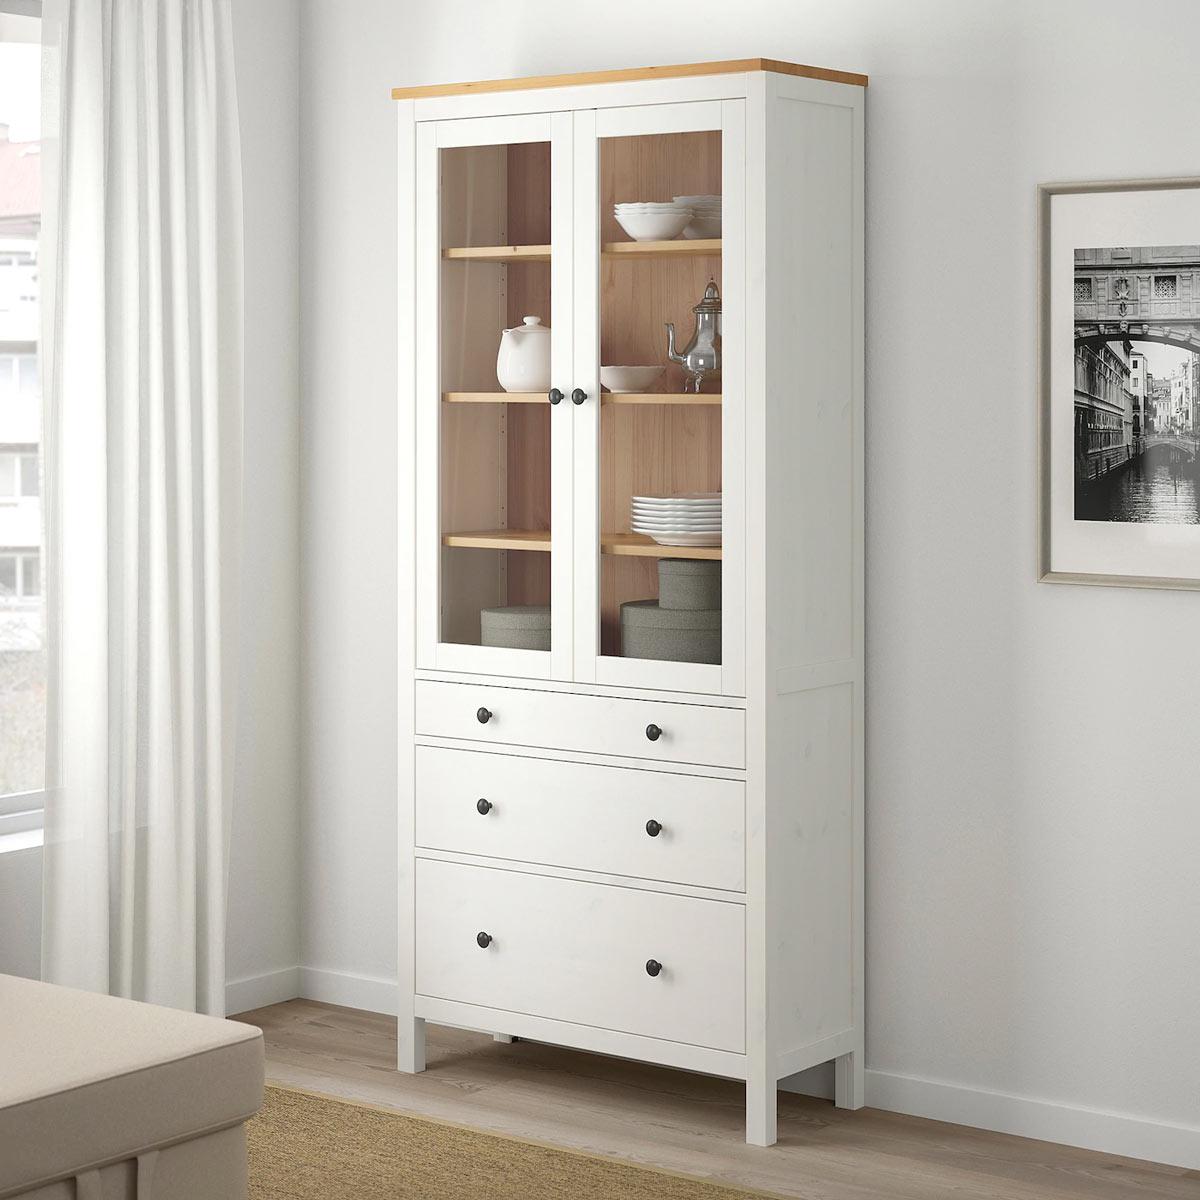 La vetrina shabby HEMNES bianco e legno IKEA